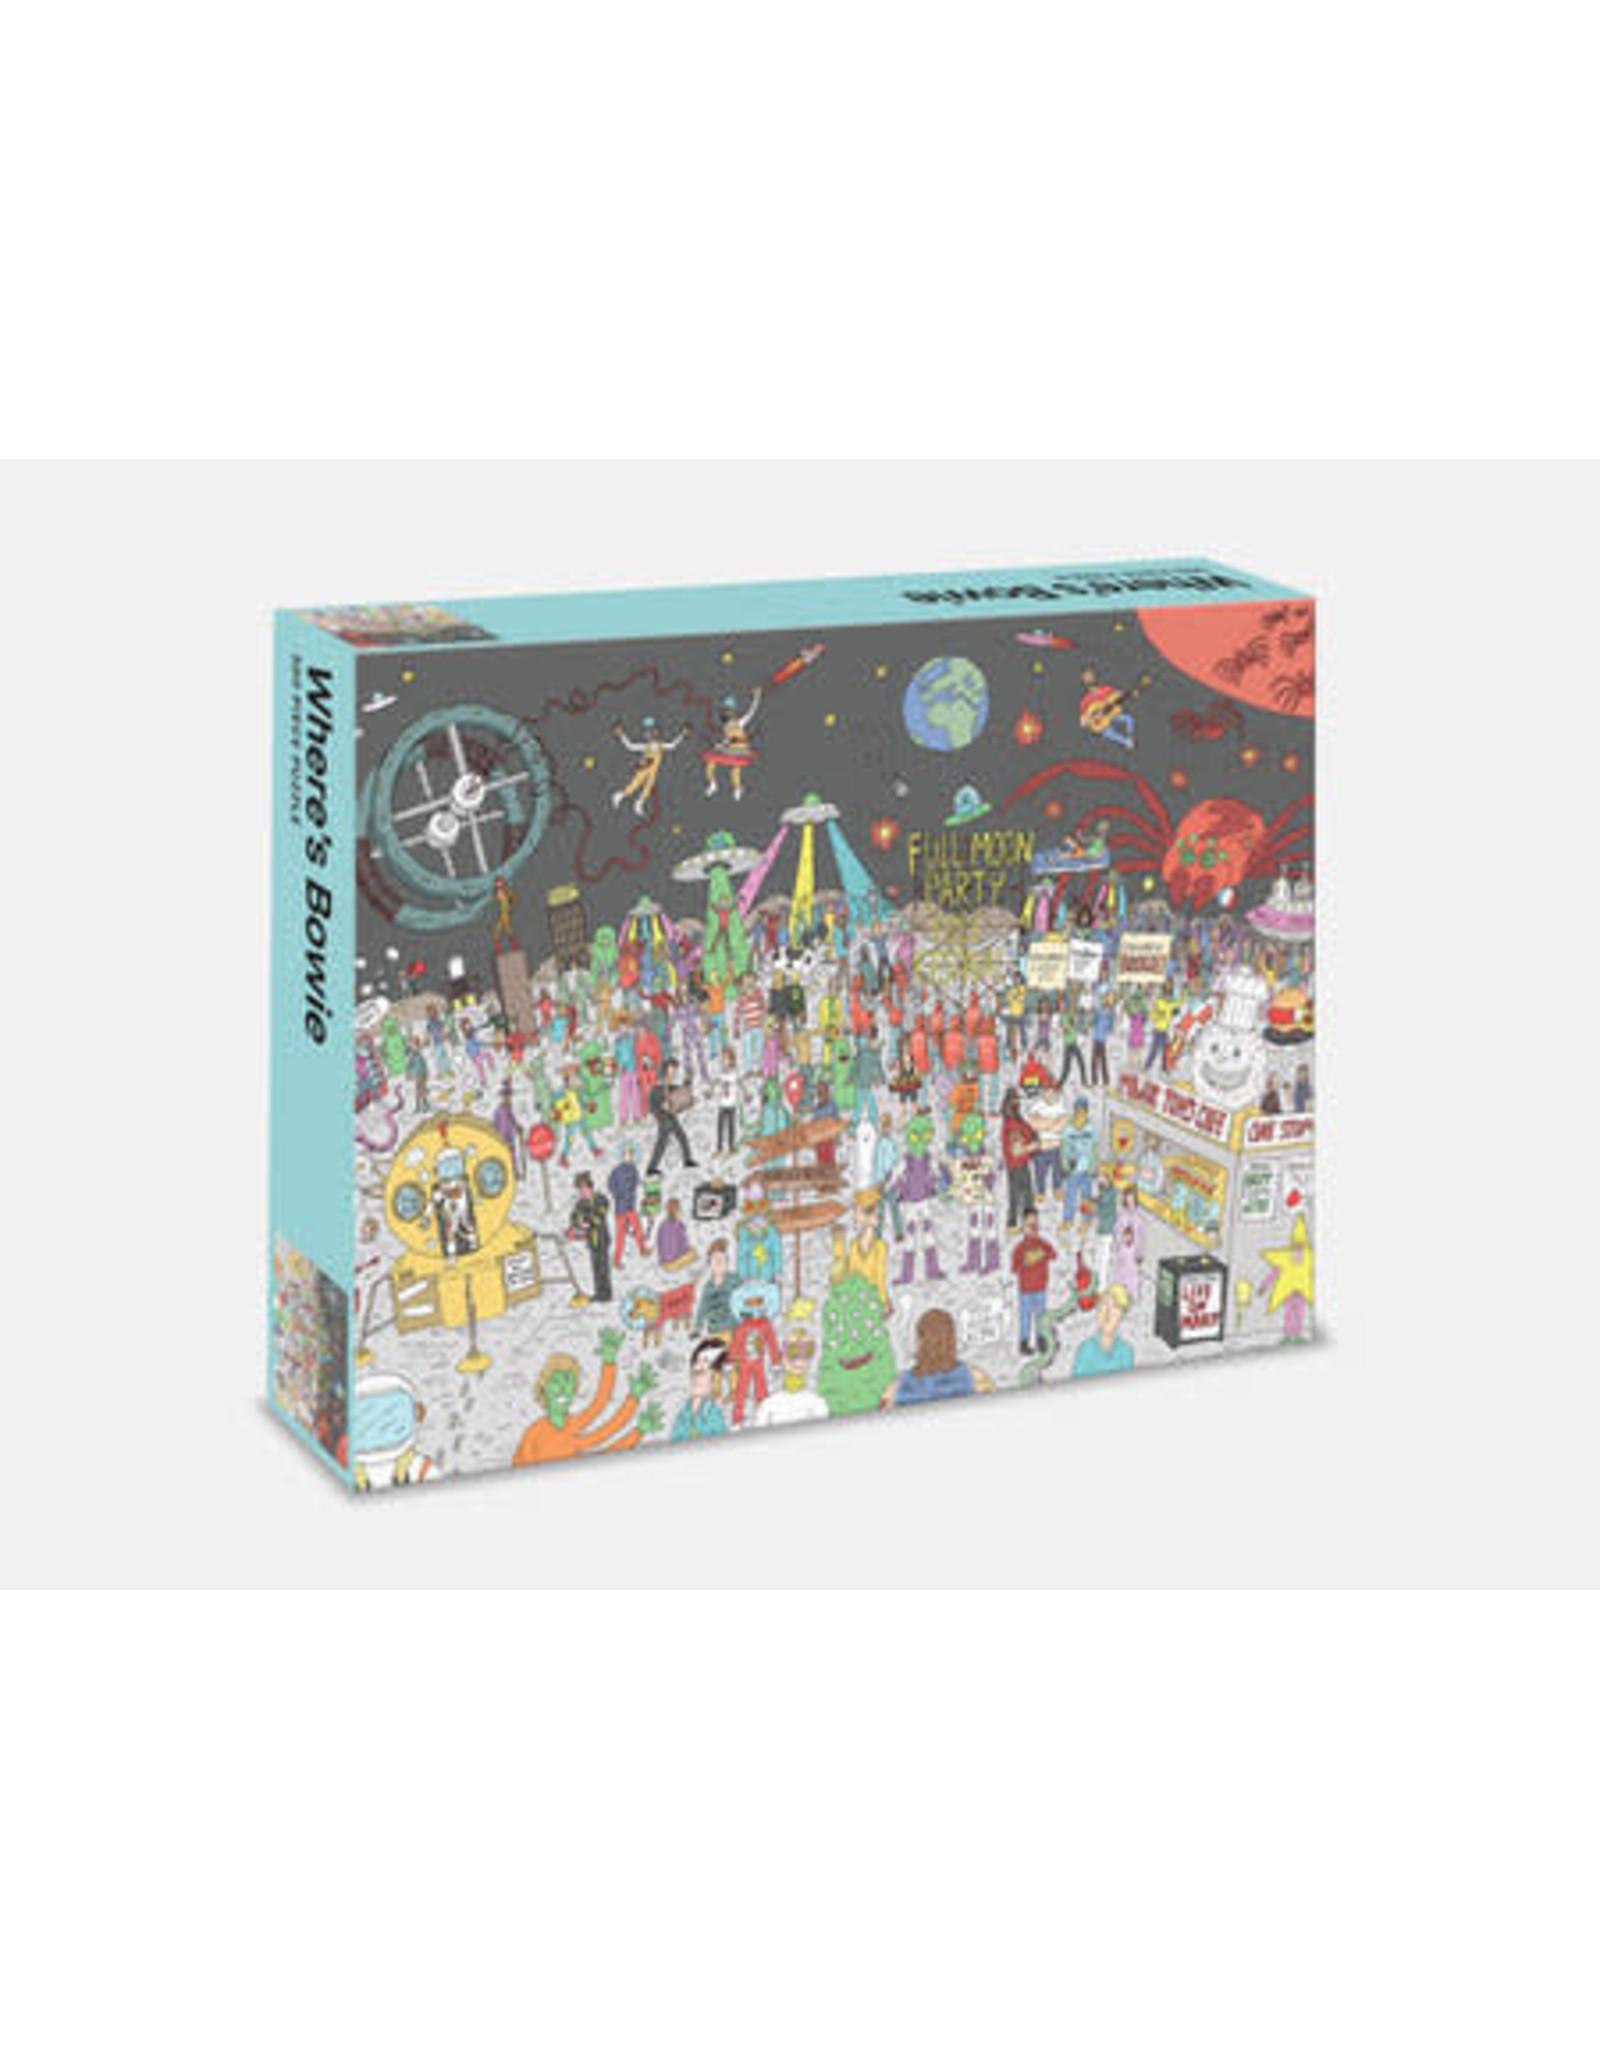 PRH - Puzzle Where's Bowie? / 500 pcs